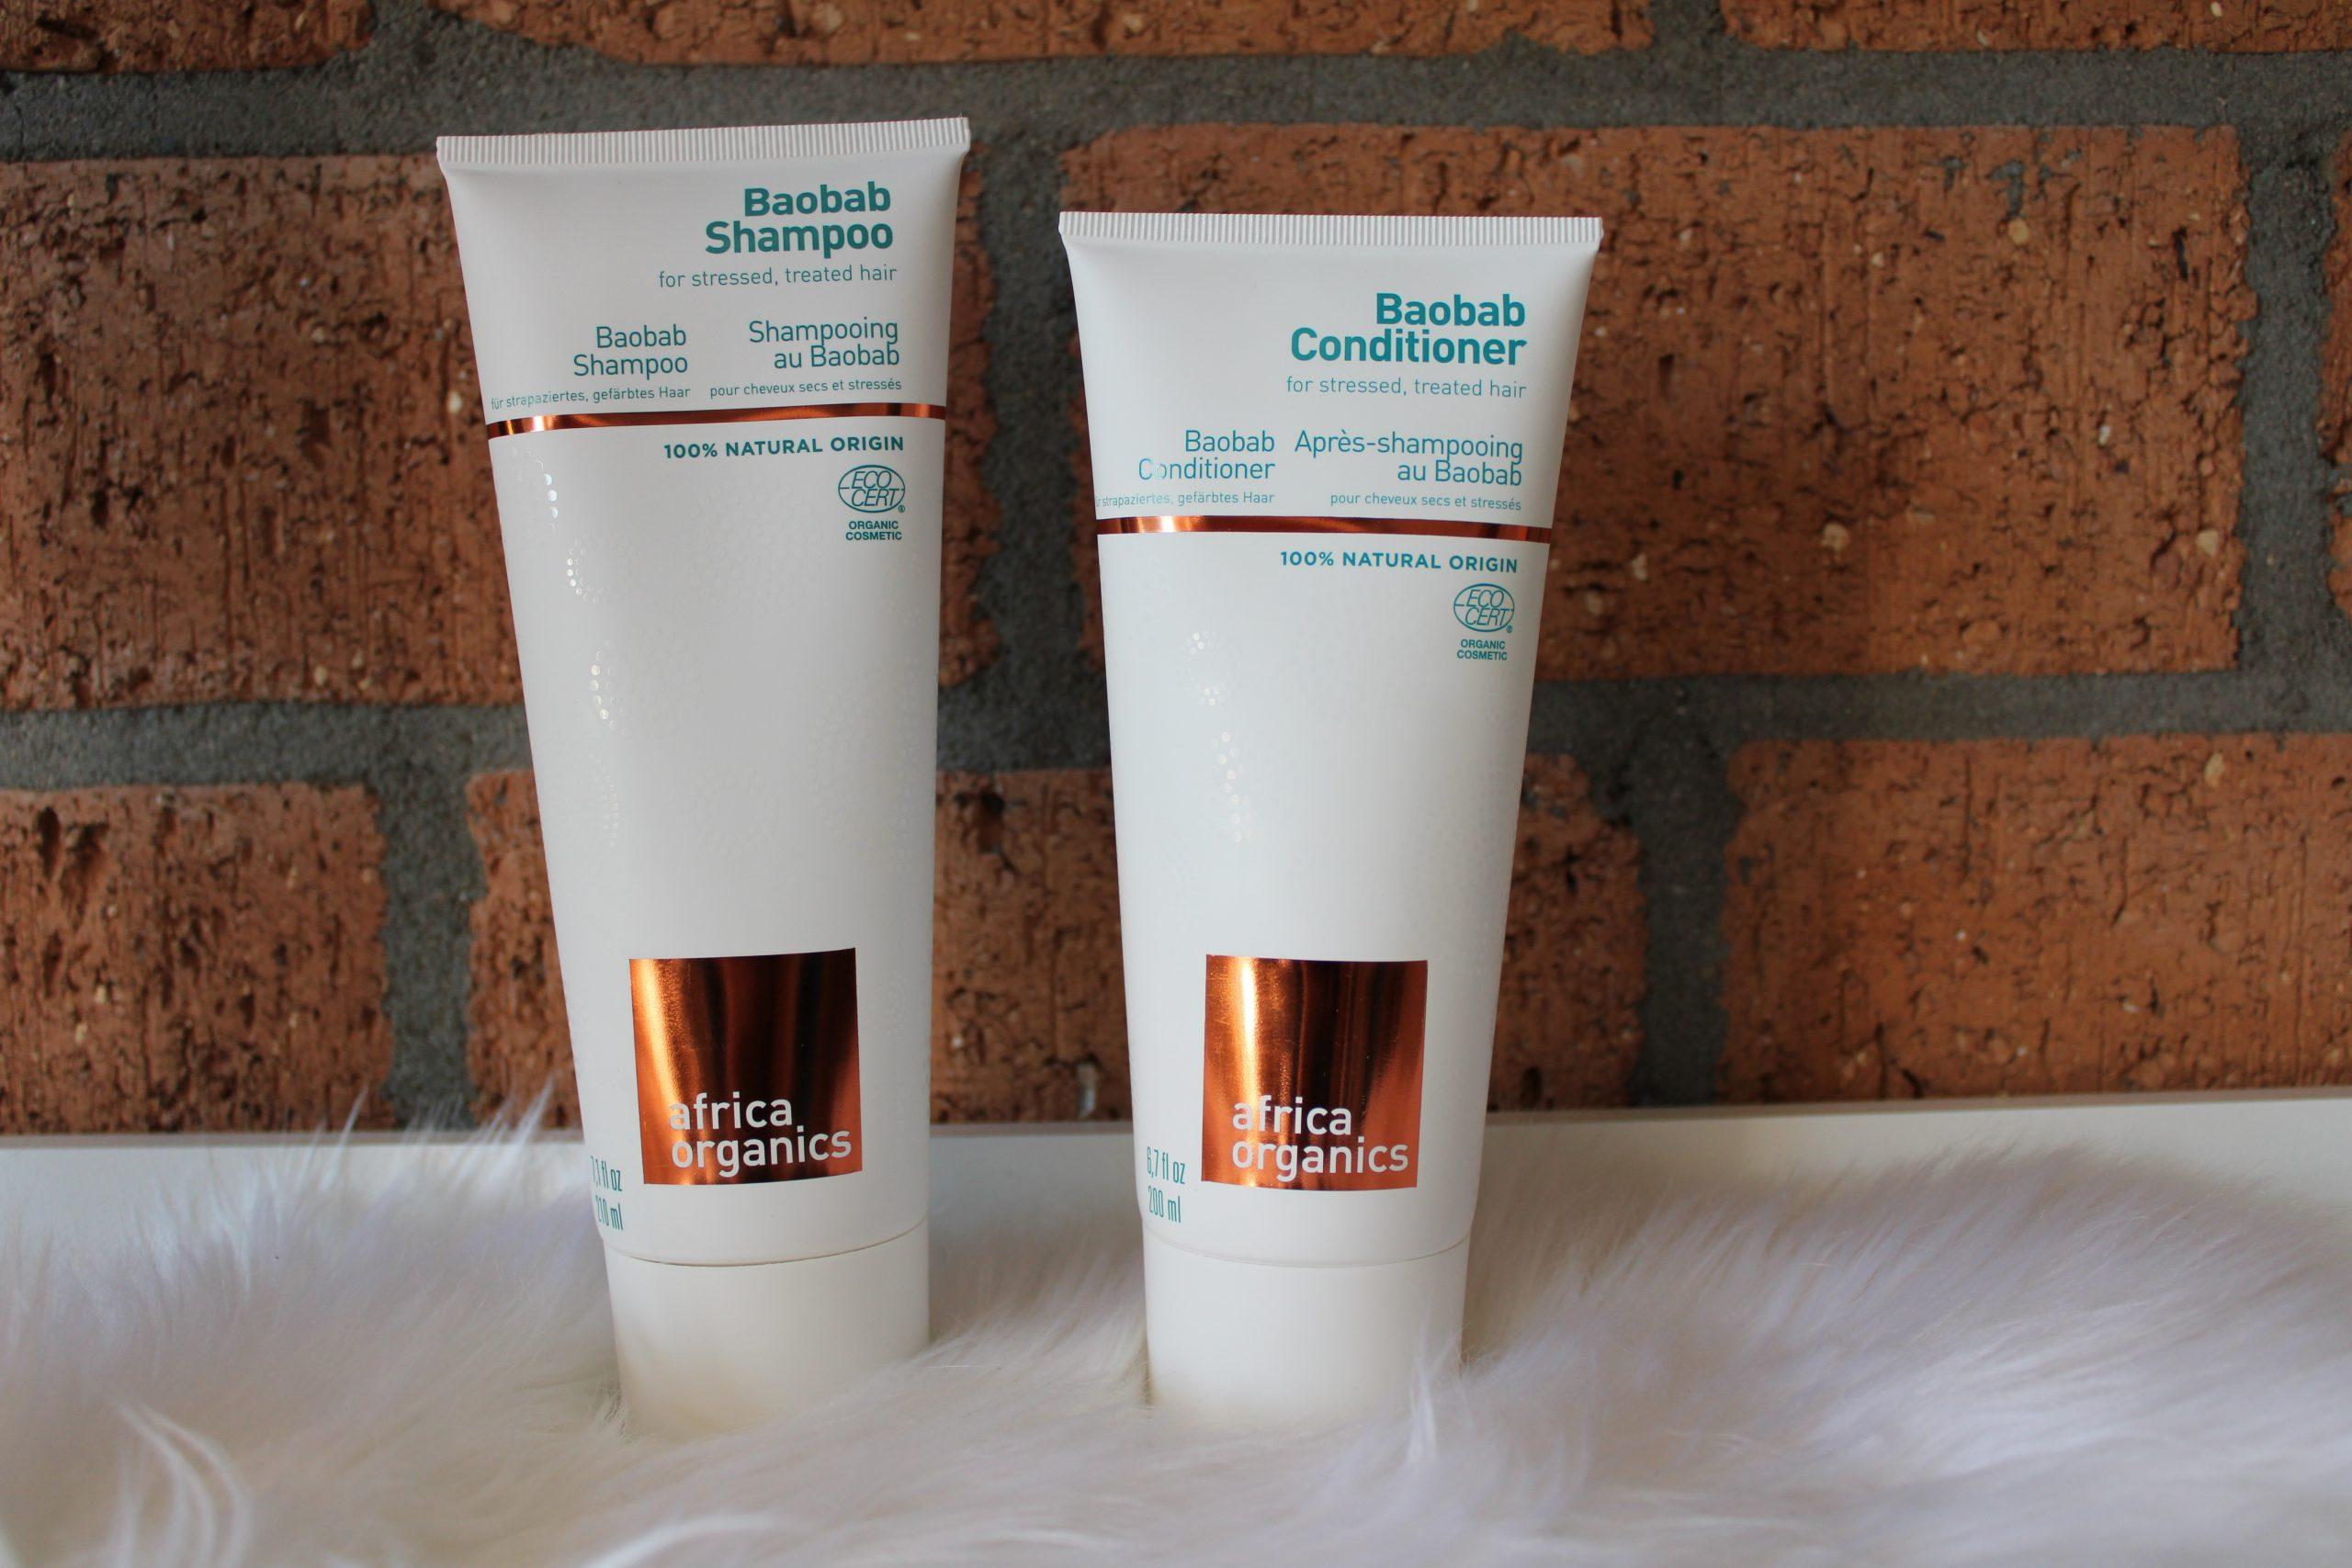 Verzorg je krullen met de natuurlijke shampoo en conditioner van Africa Organics